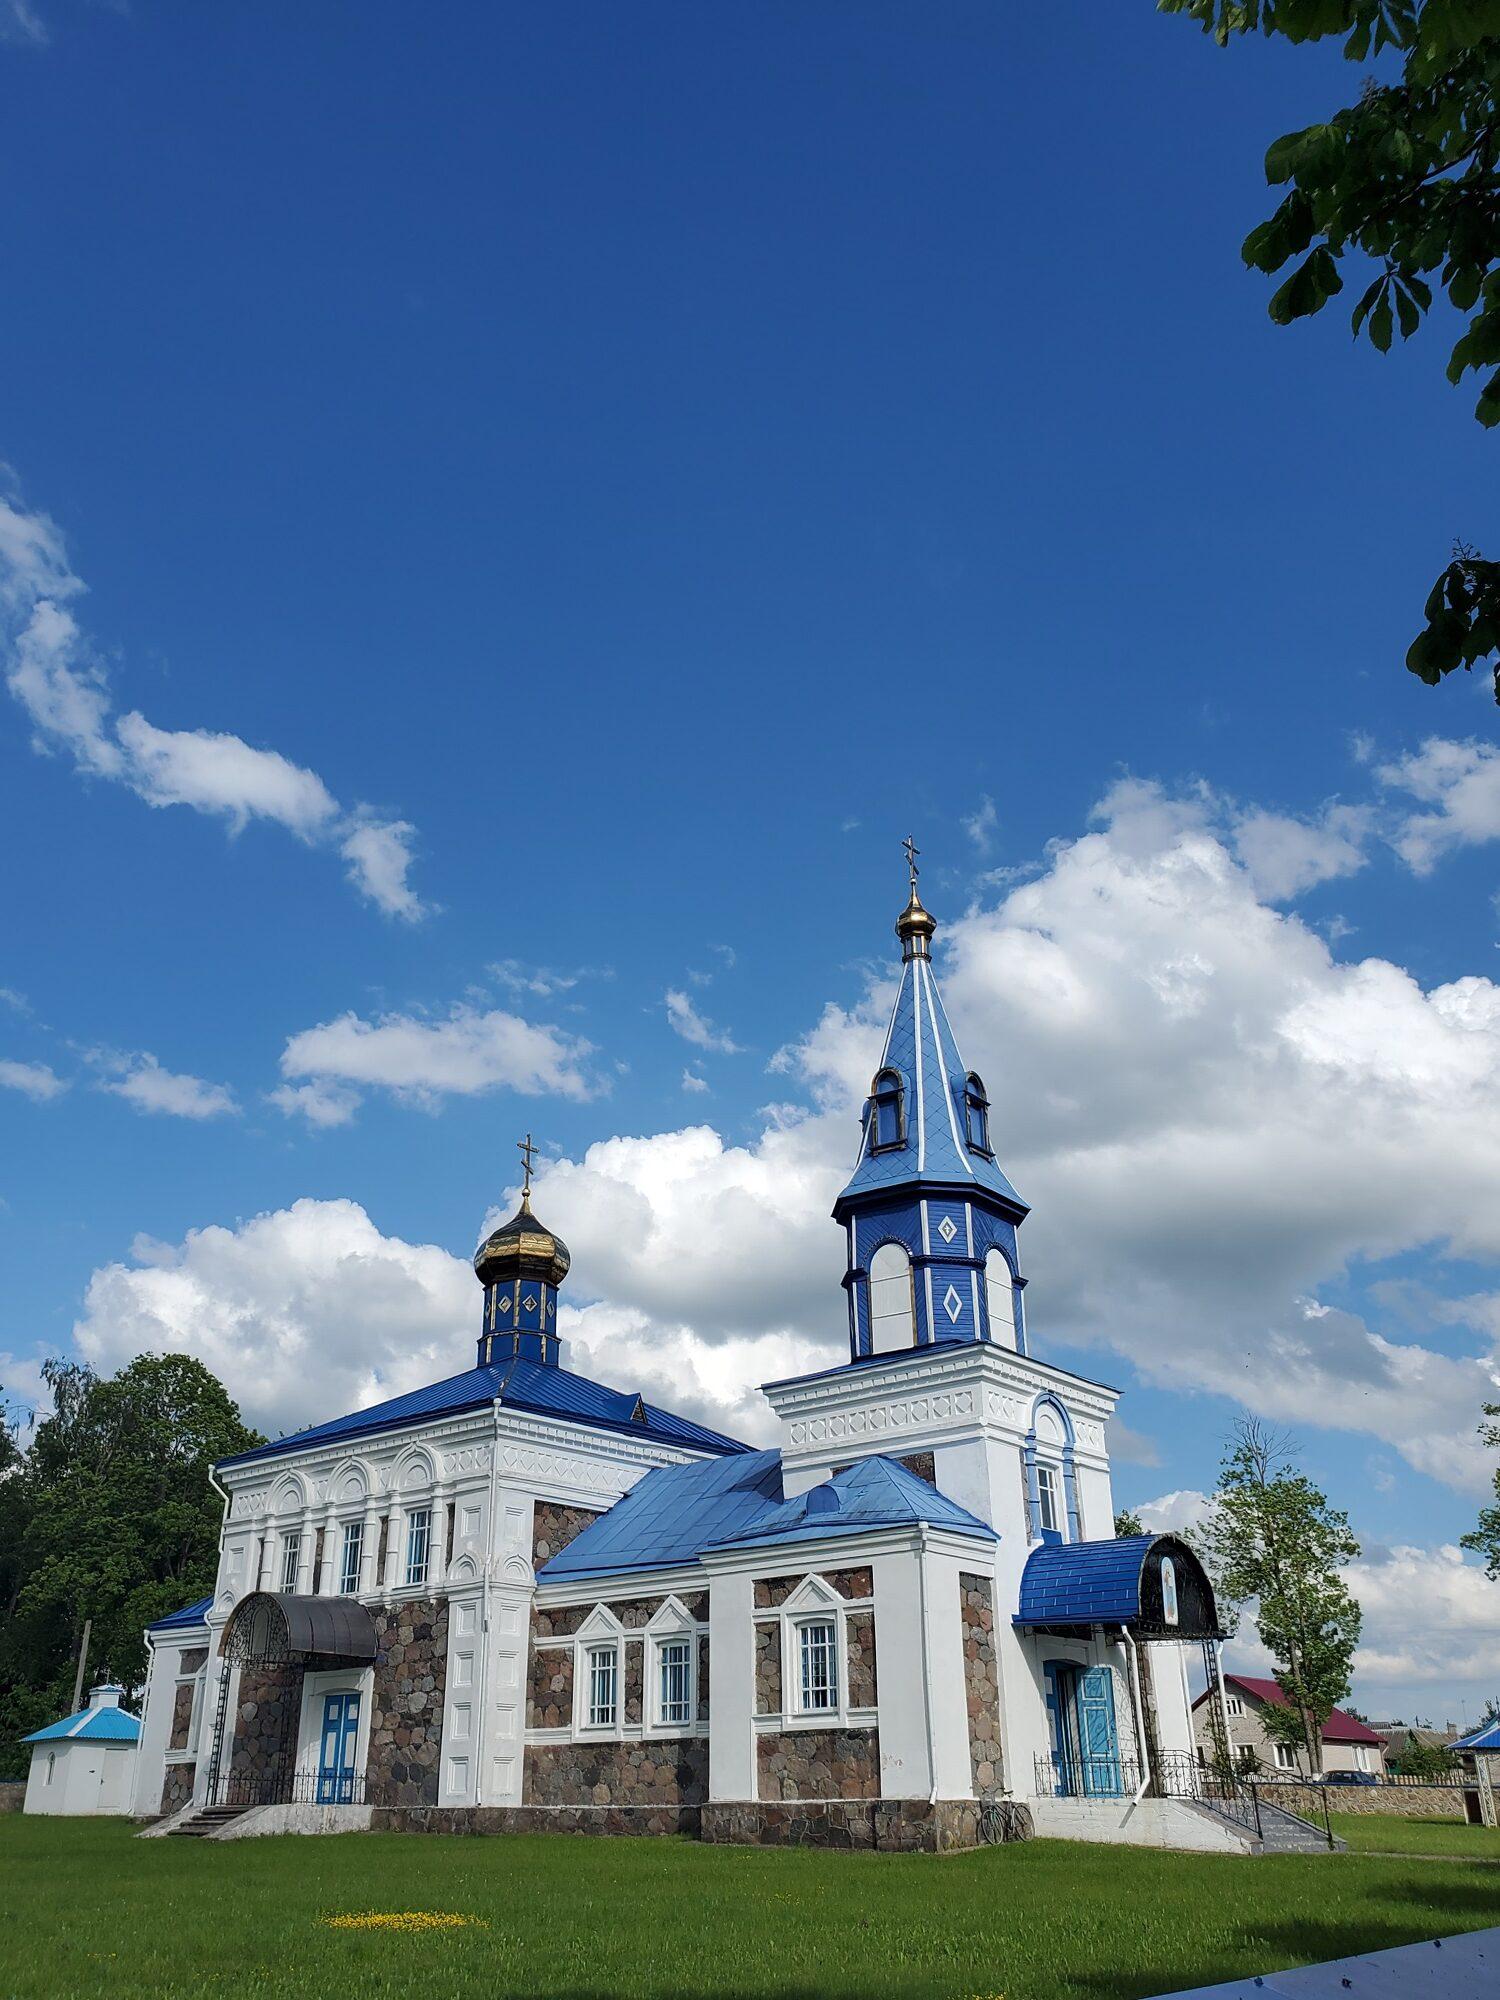 20200606 171512 rotated - Свято-Покровская церковь в Докшицах